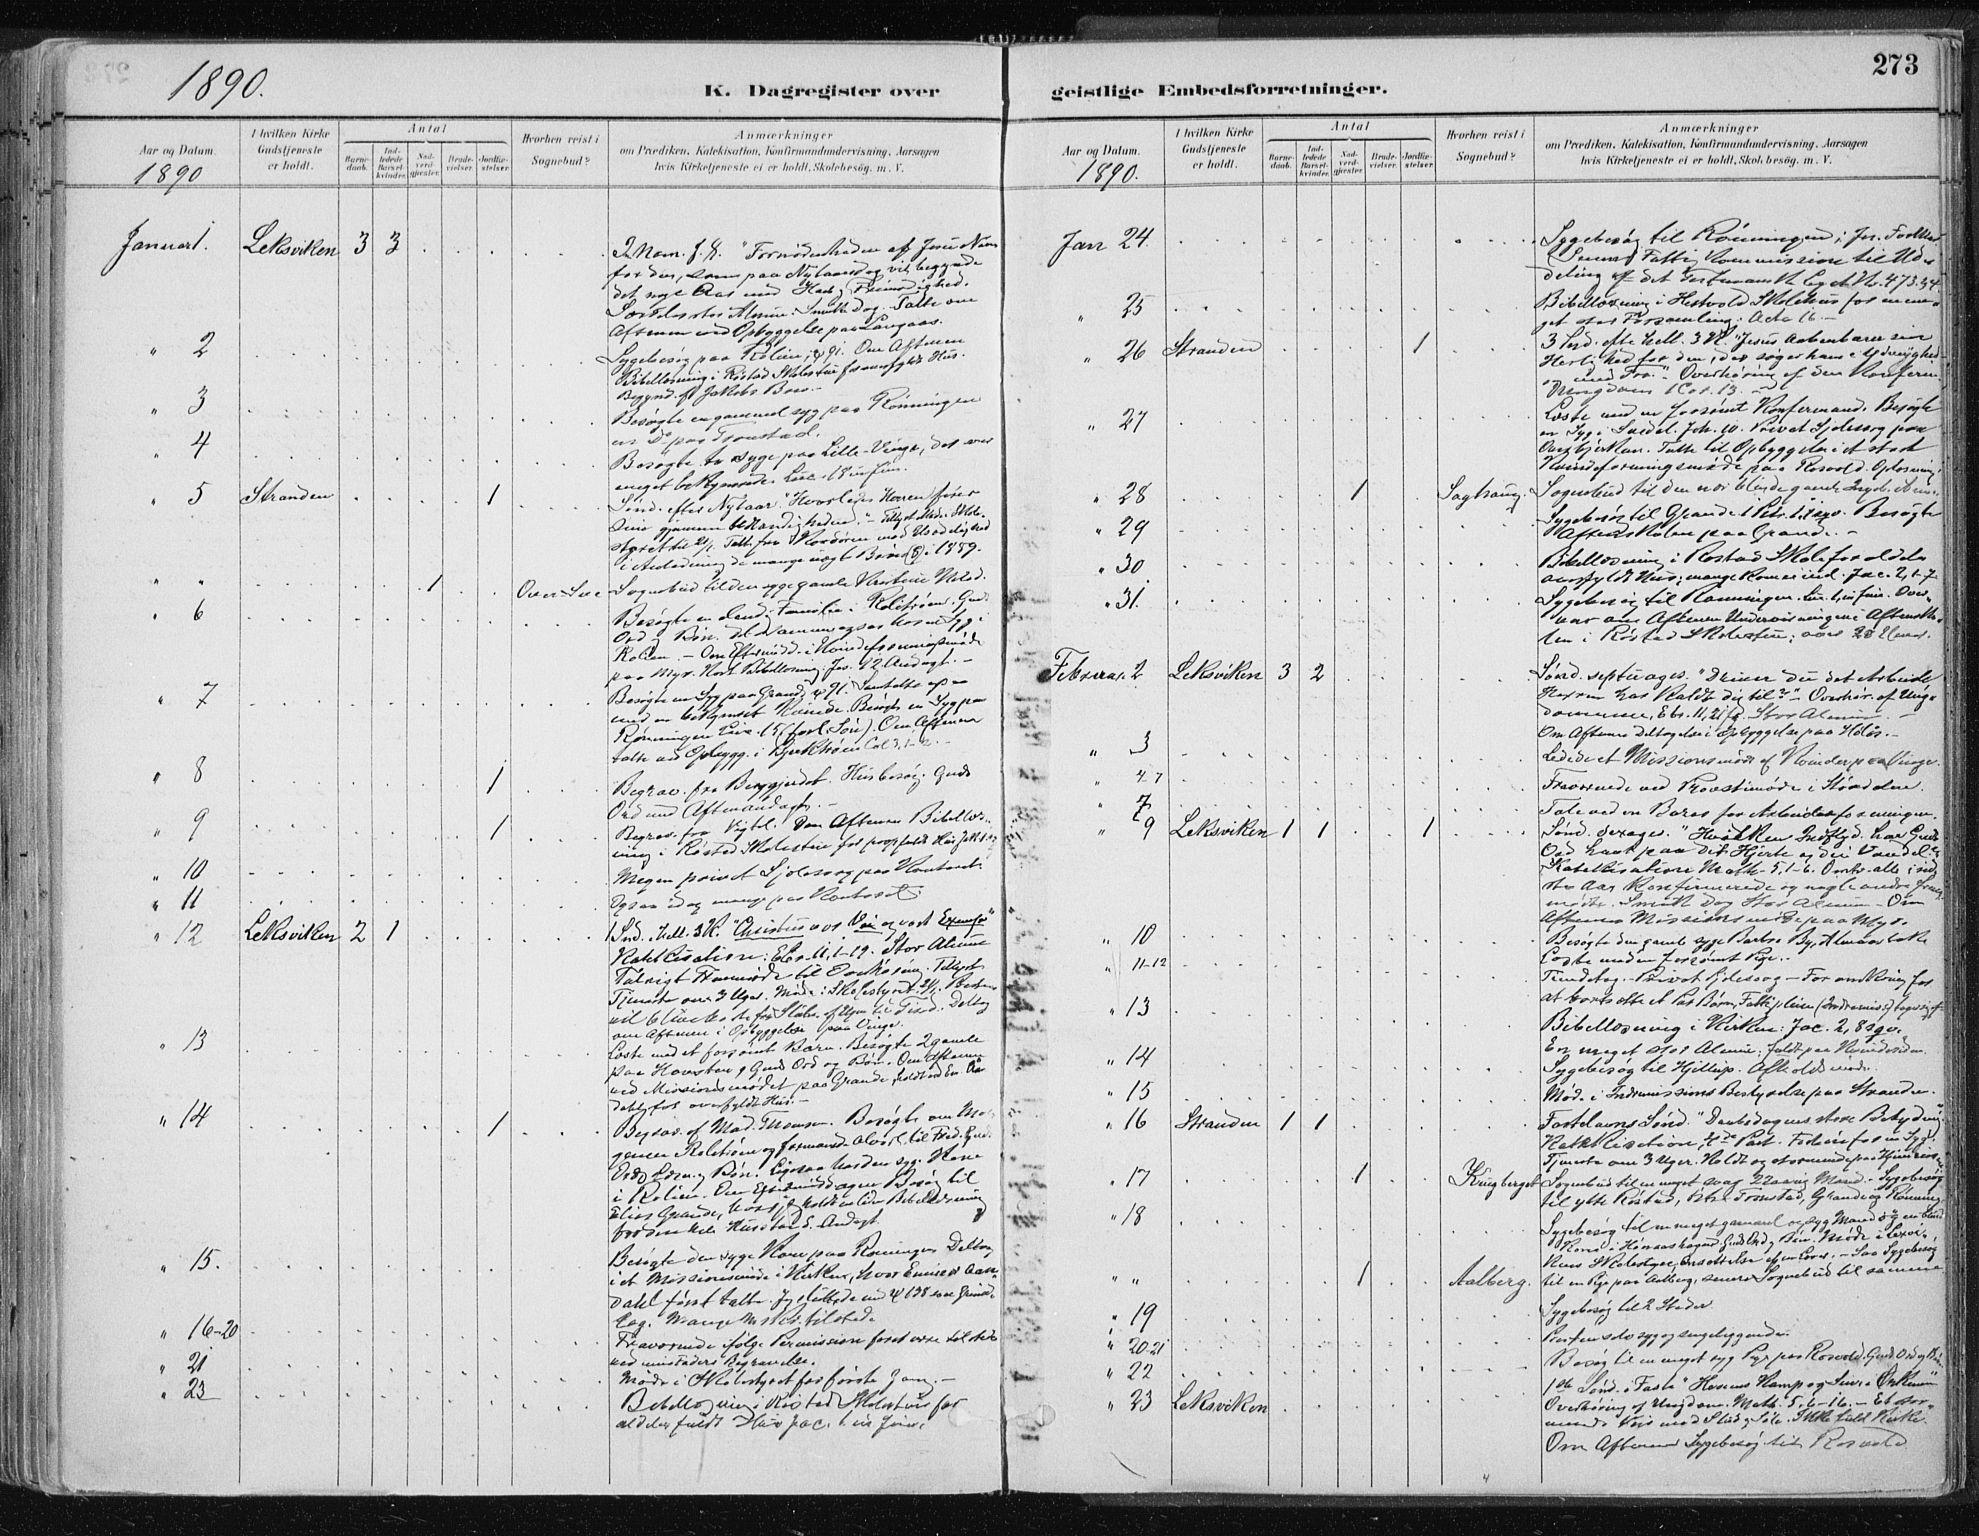 SAT, Ministerialprotokoller, klokkerbøker og fødselsregistre - Nord-Trøndelag, 701/L0010: Ministerialbok nr. 701A10, 1883-1899, s. 273